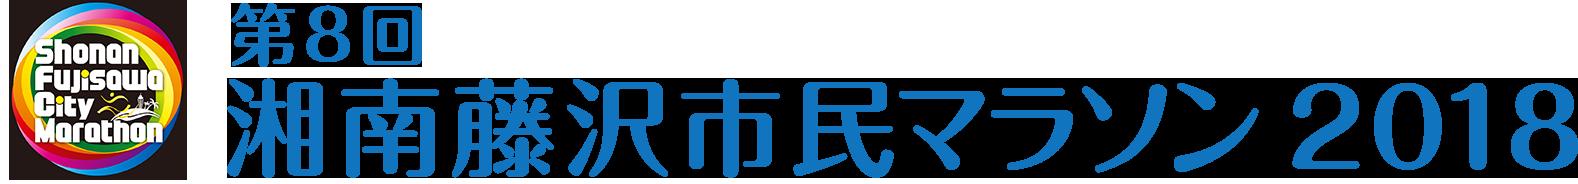 第8回湘南藤沢市民マラソン2018